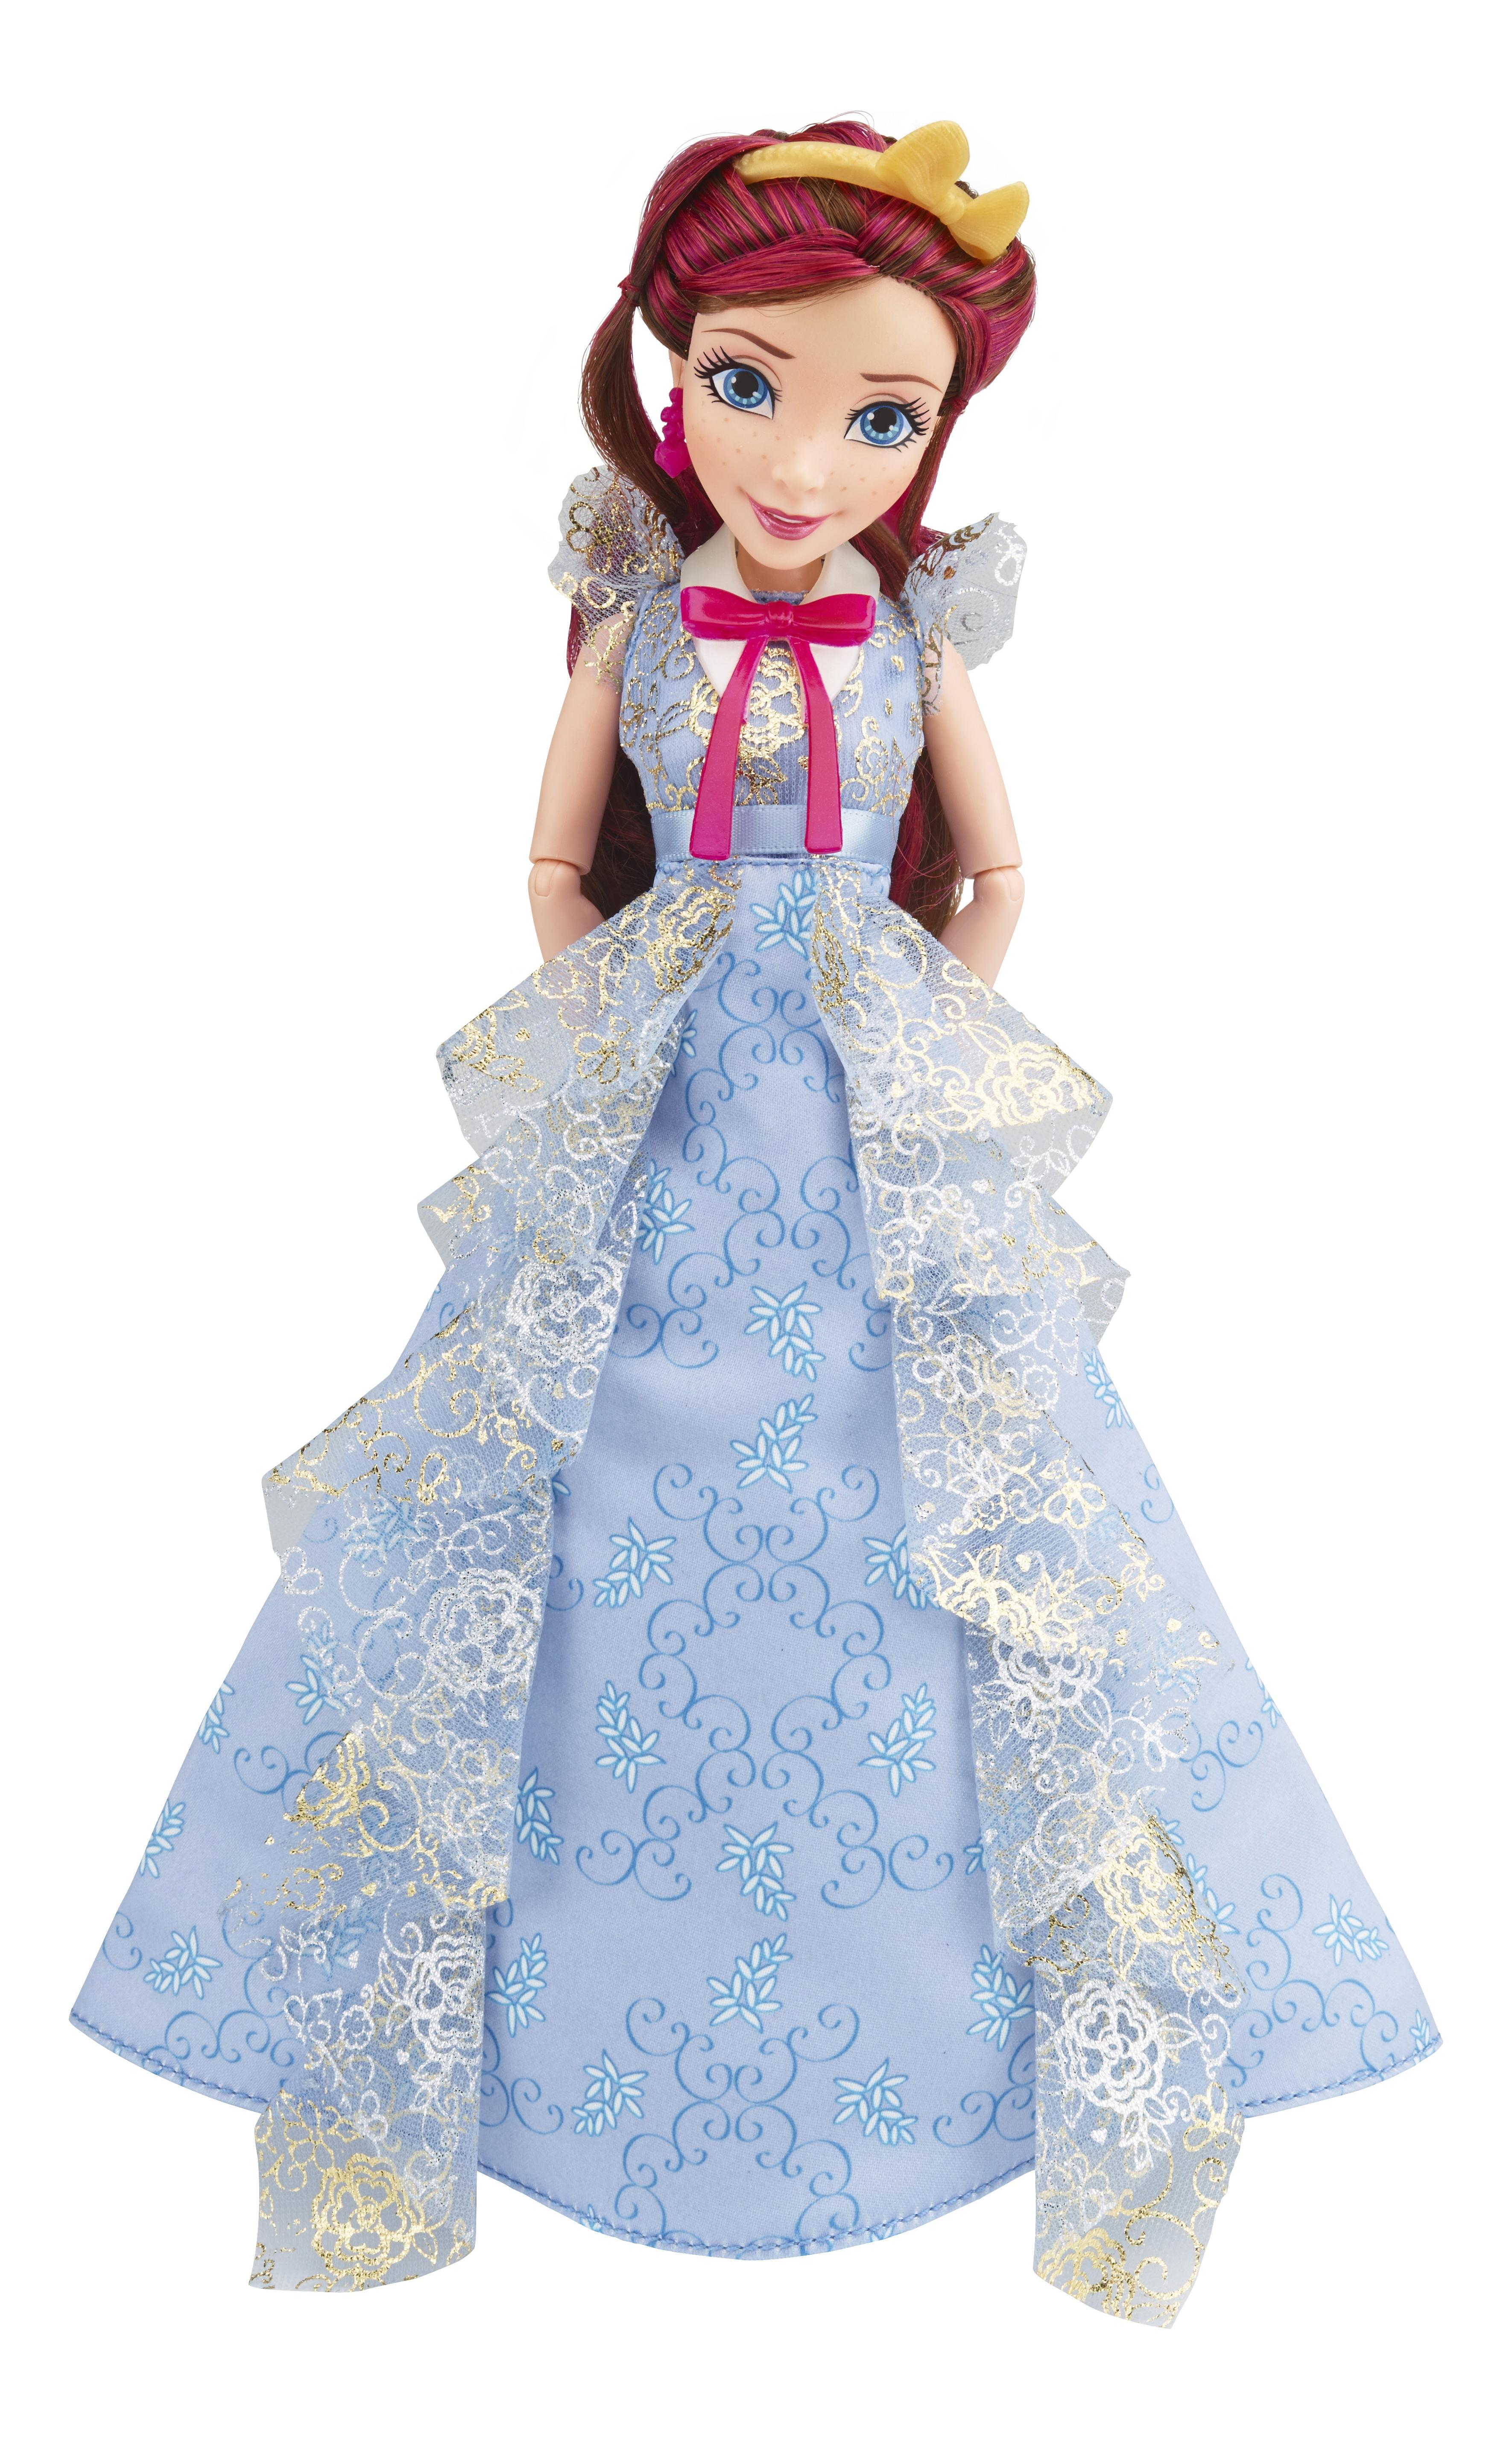 Купить Кукла Disney в платье для коронации из серии светлые герои b3123 b3125, Hasbro, Классические куклы